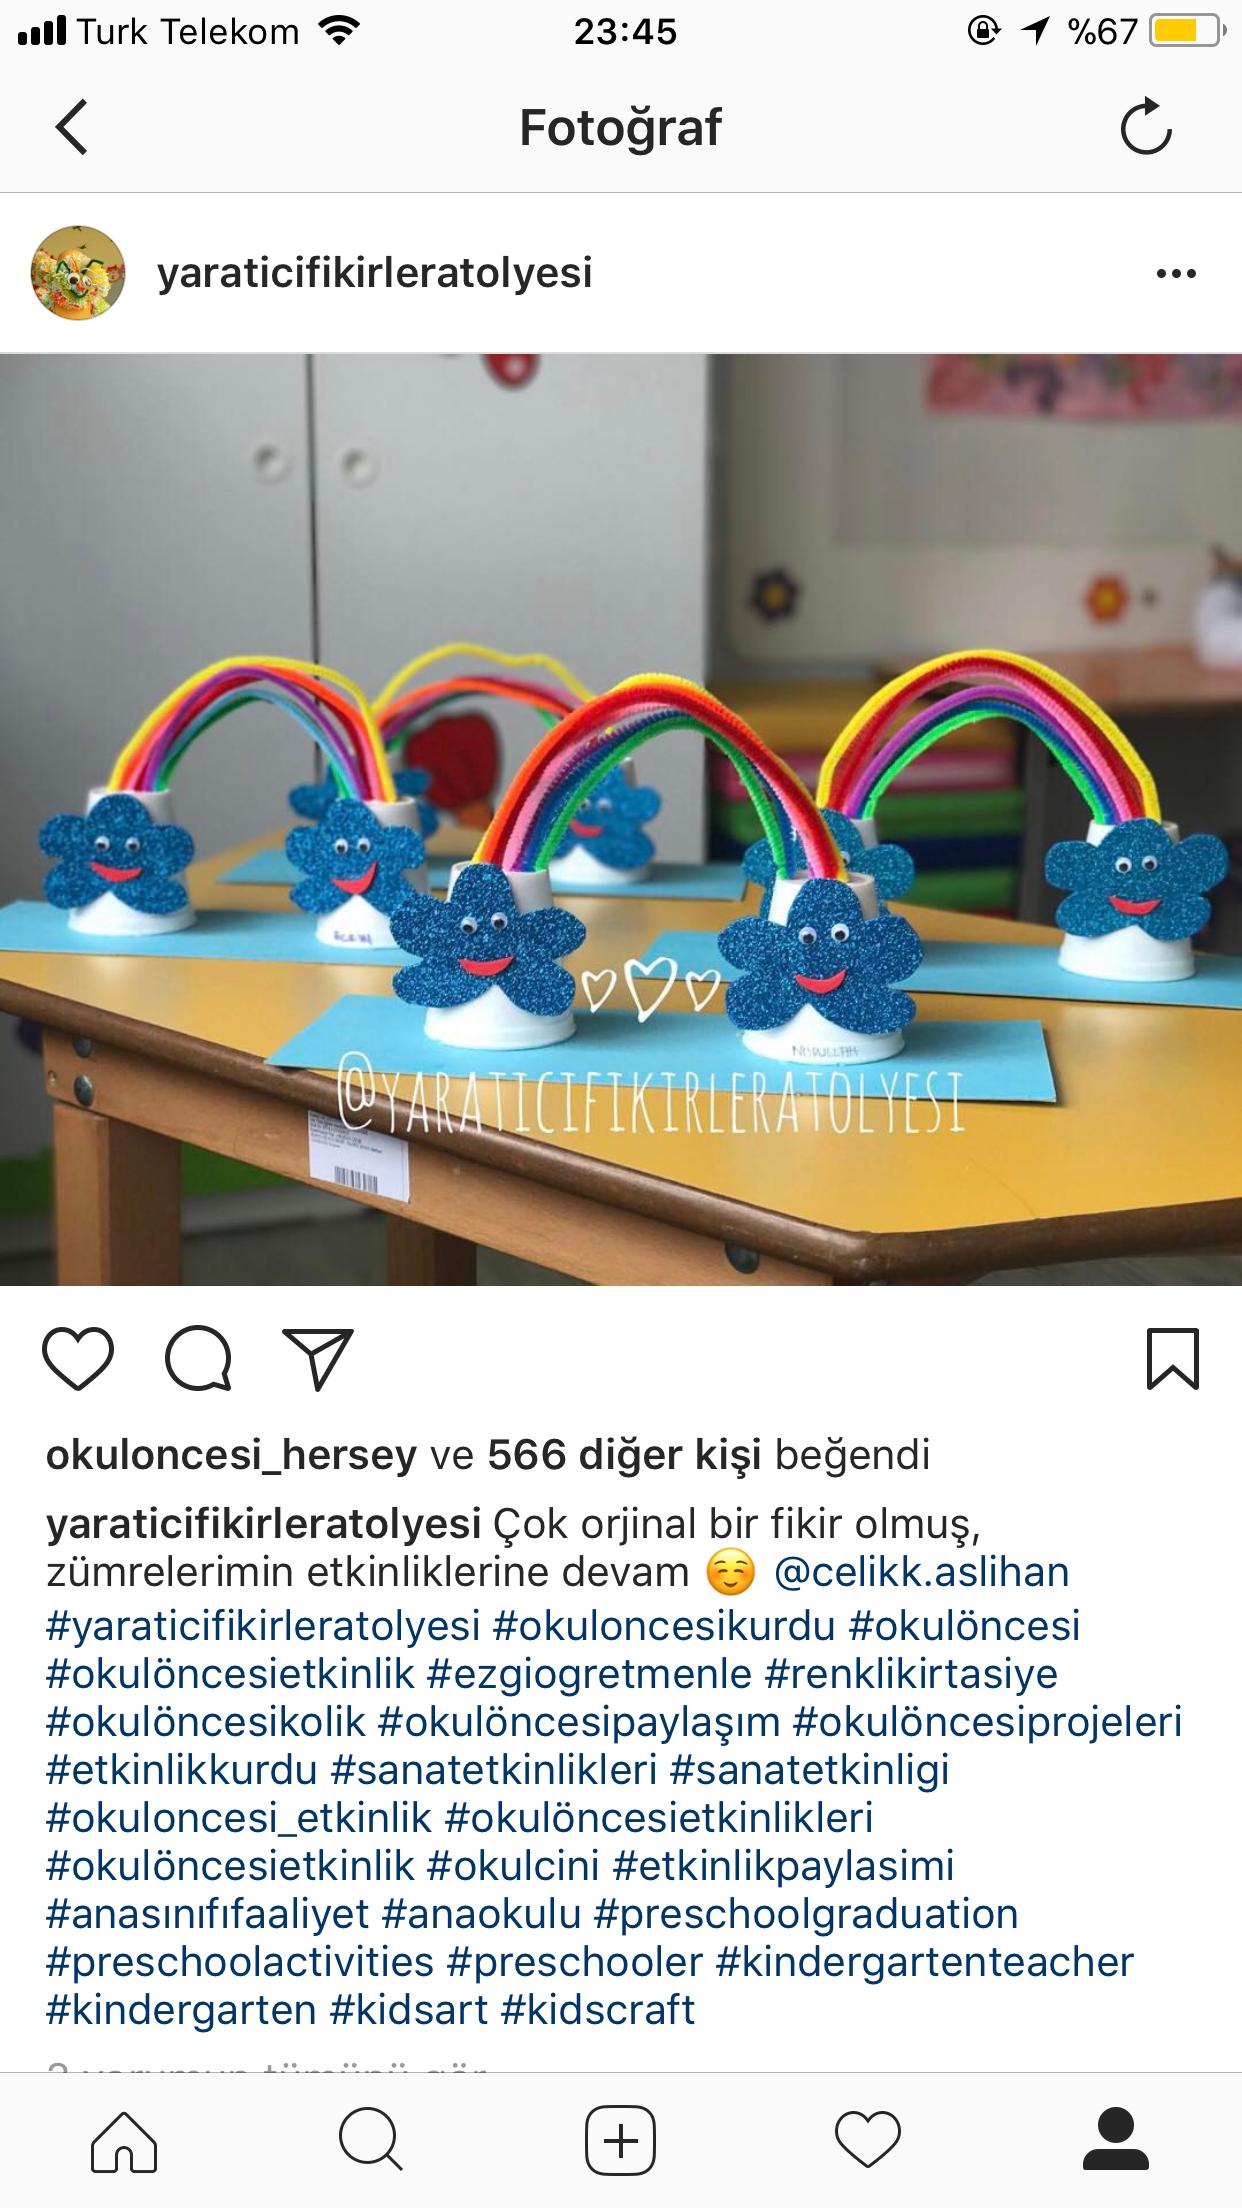 Olga Kose Musa Adli Kullanicinin Sanat Etkinligi Panosundaki Pin Anaokulu Faaliyetler Okul Oncesi